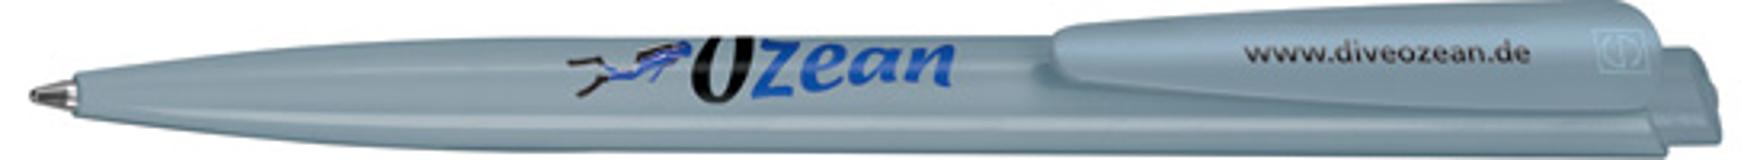 Ручка шариковая Dart Basic, голубой/голубой фото